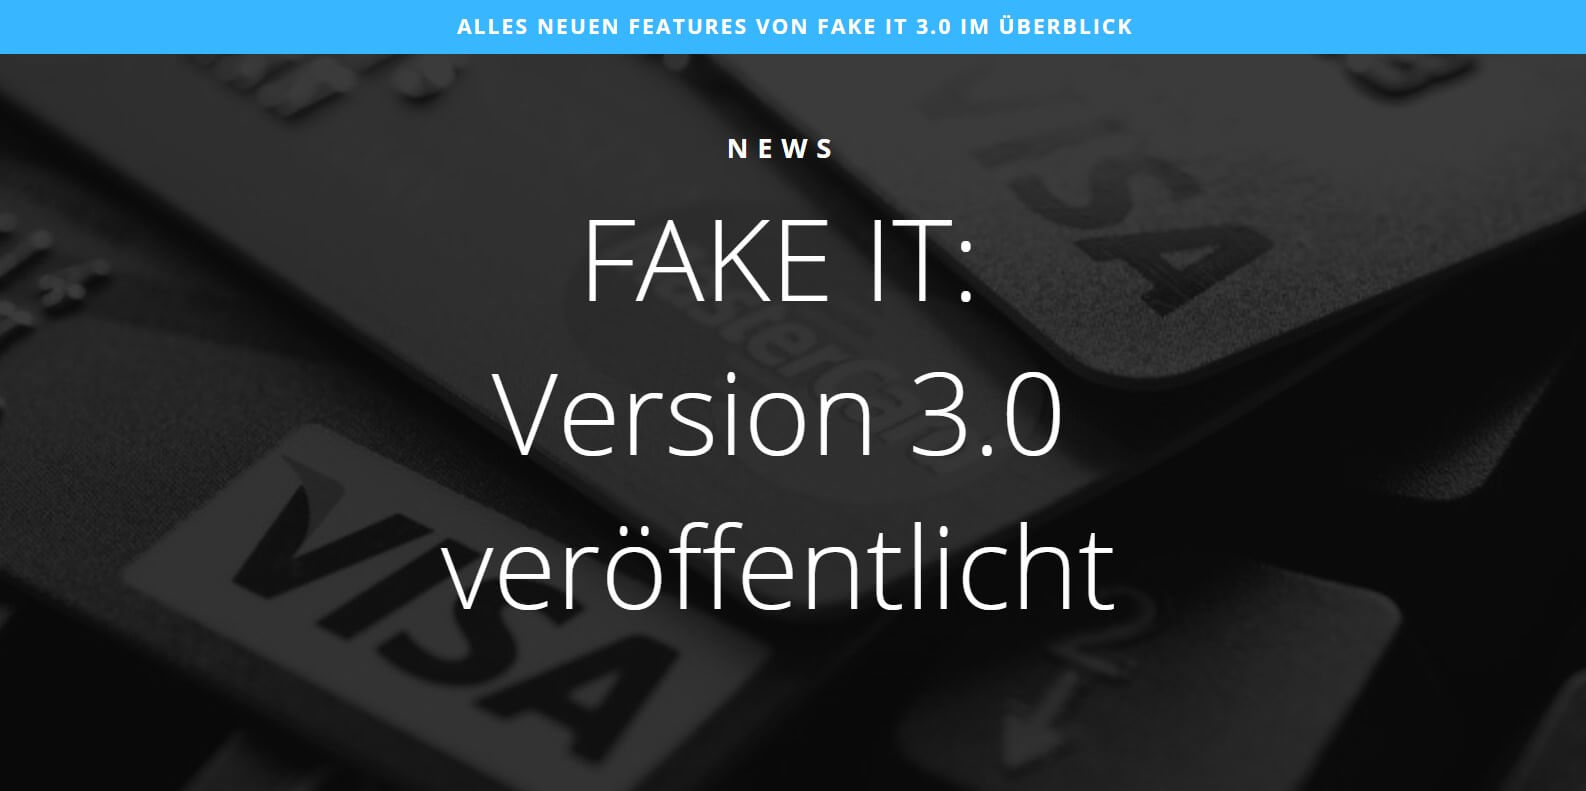 fakeit-3.0-erschienen